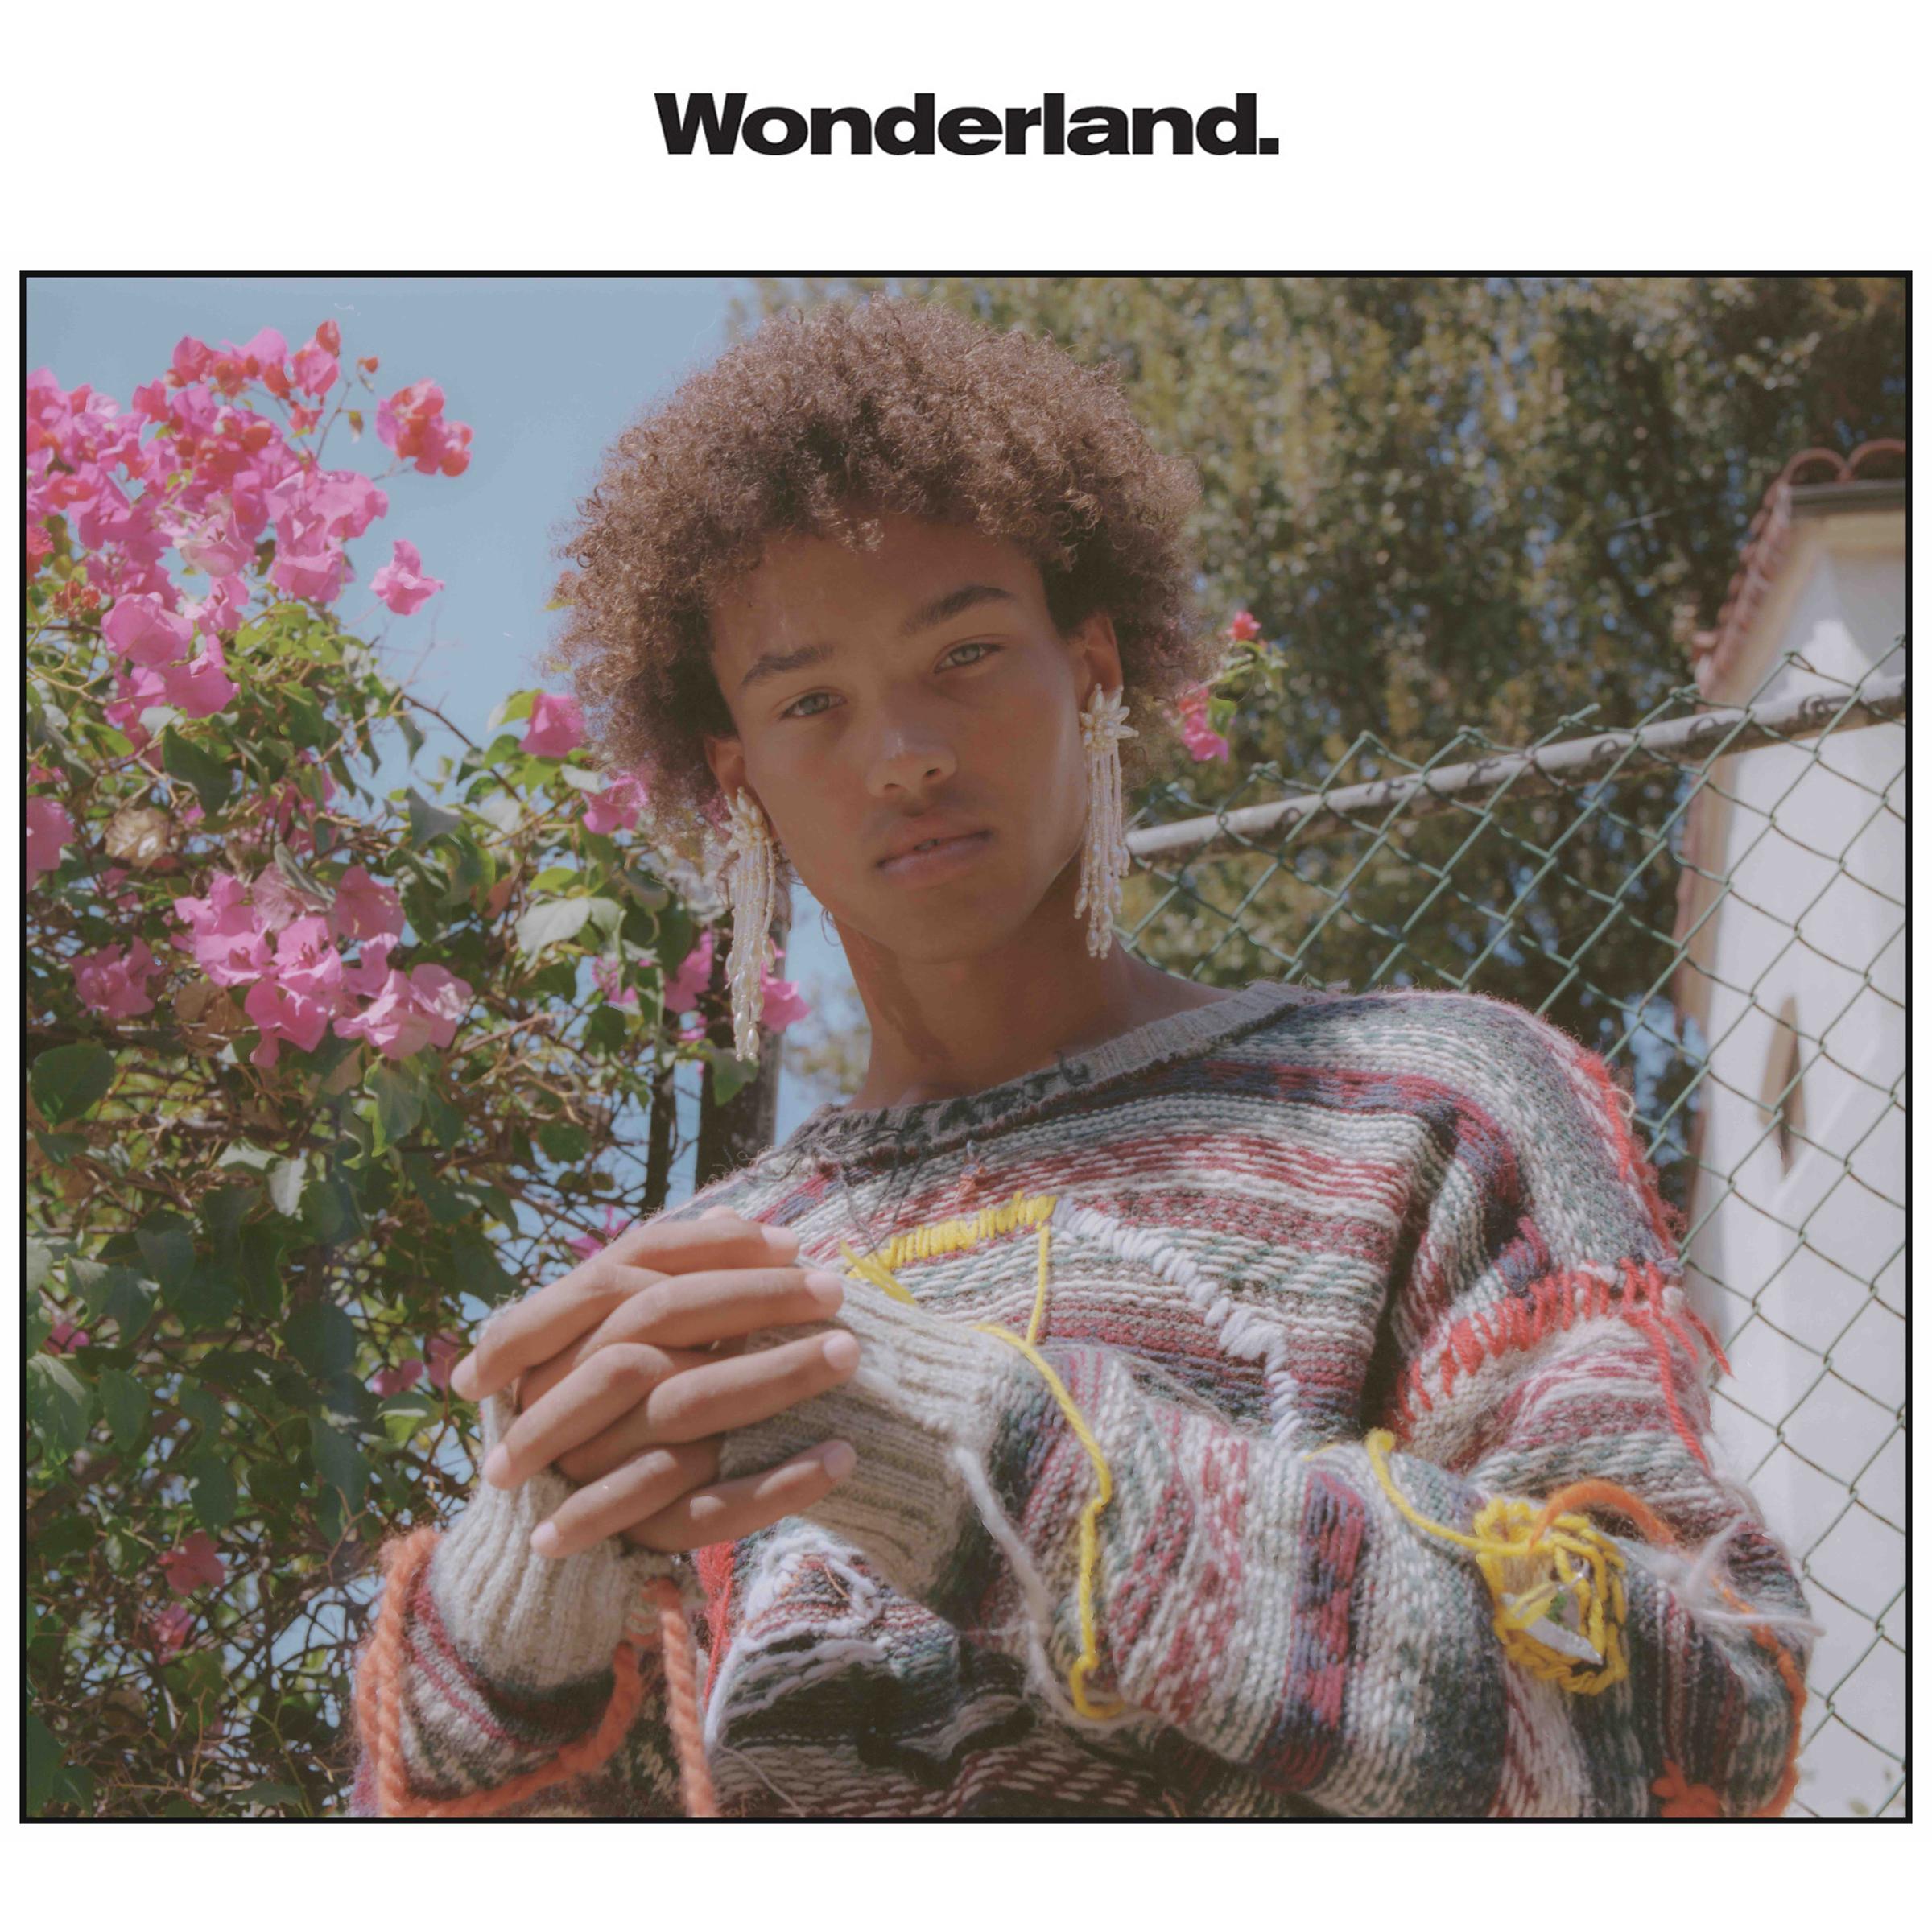 Wonderland_chloechenelle_1.jpg